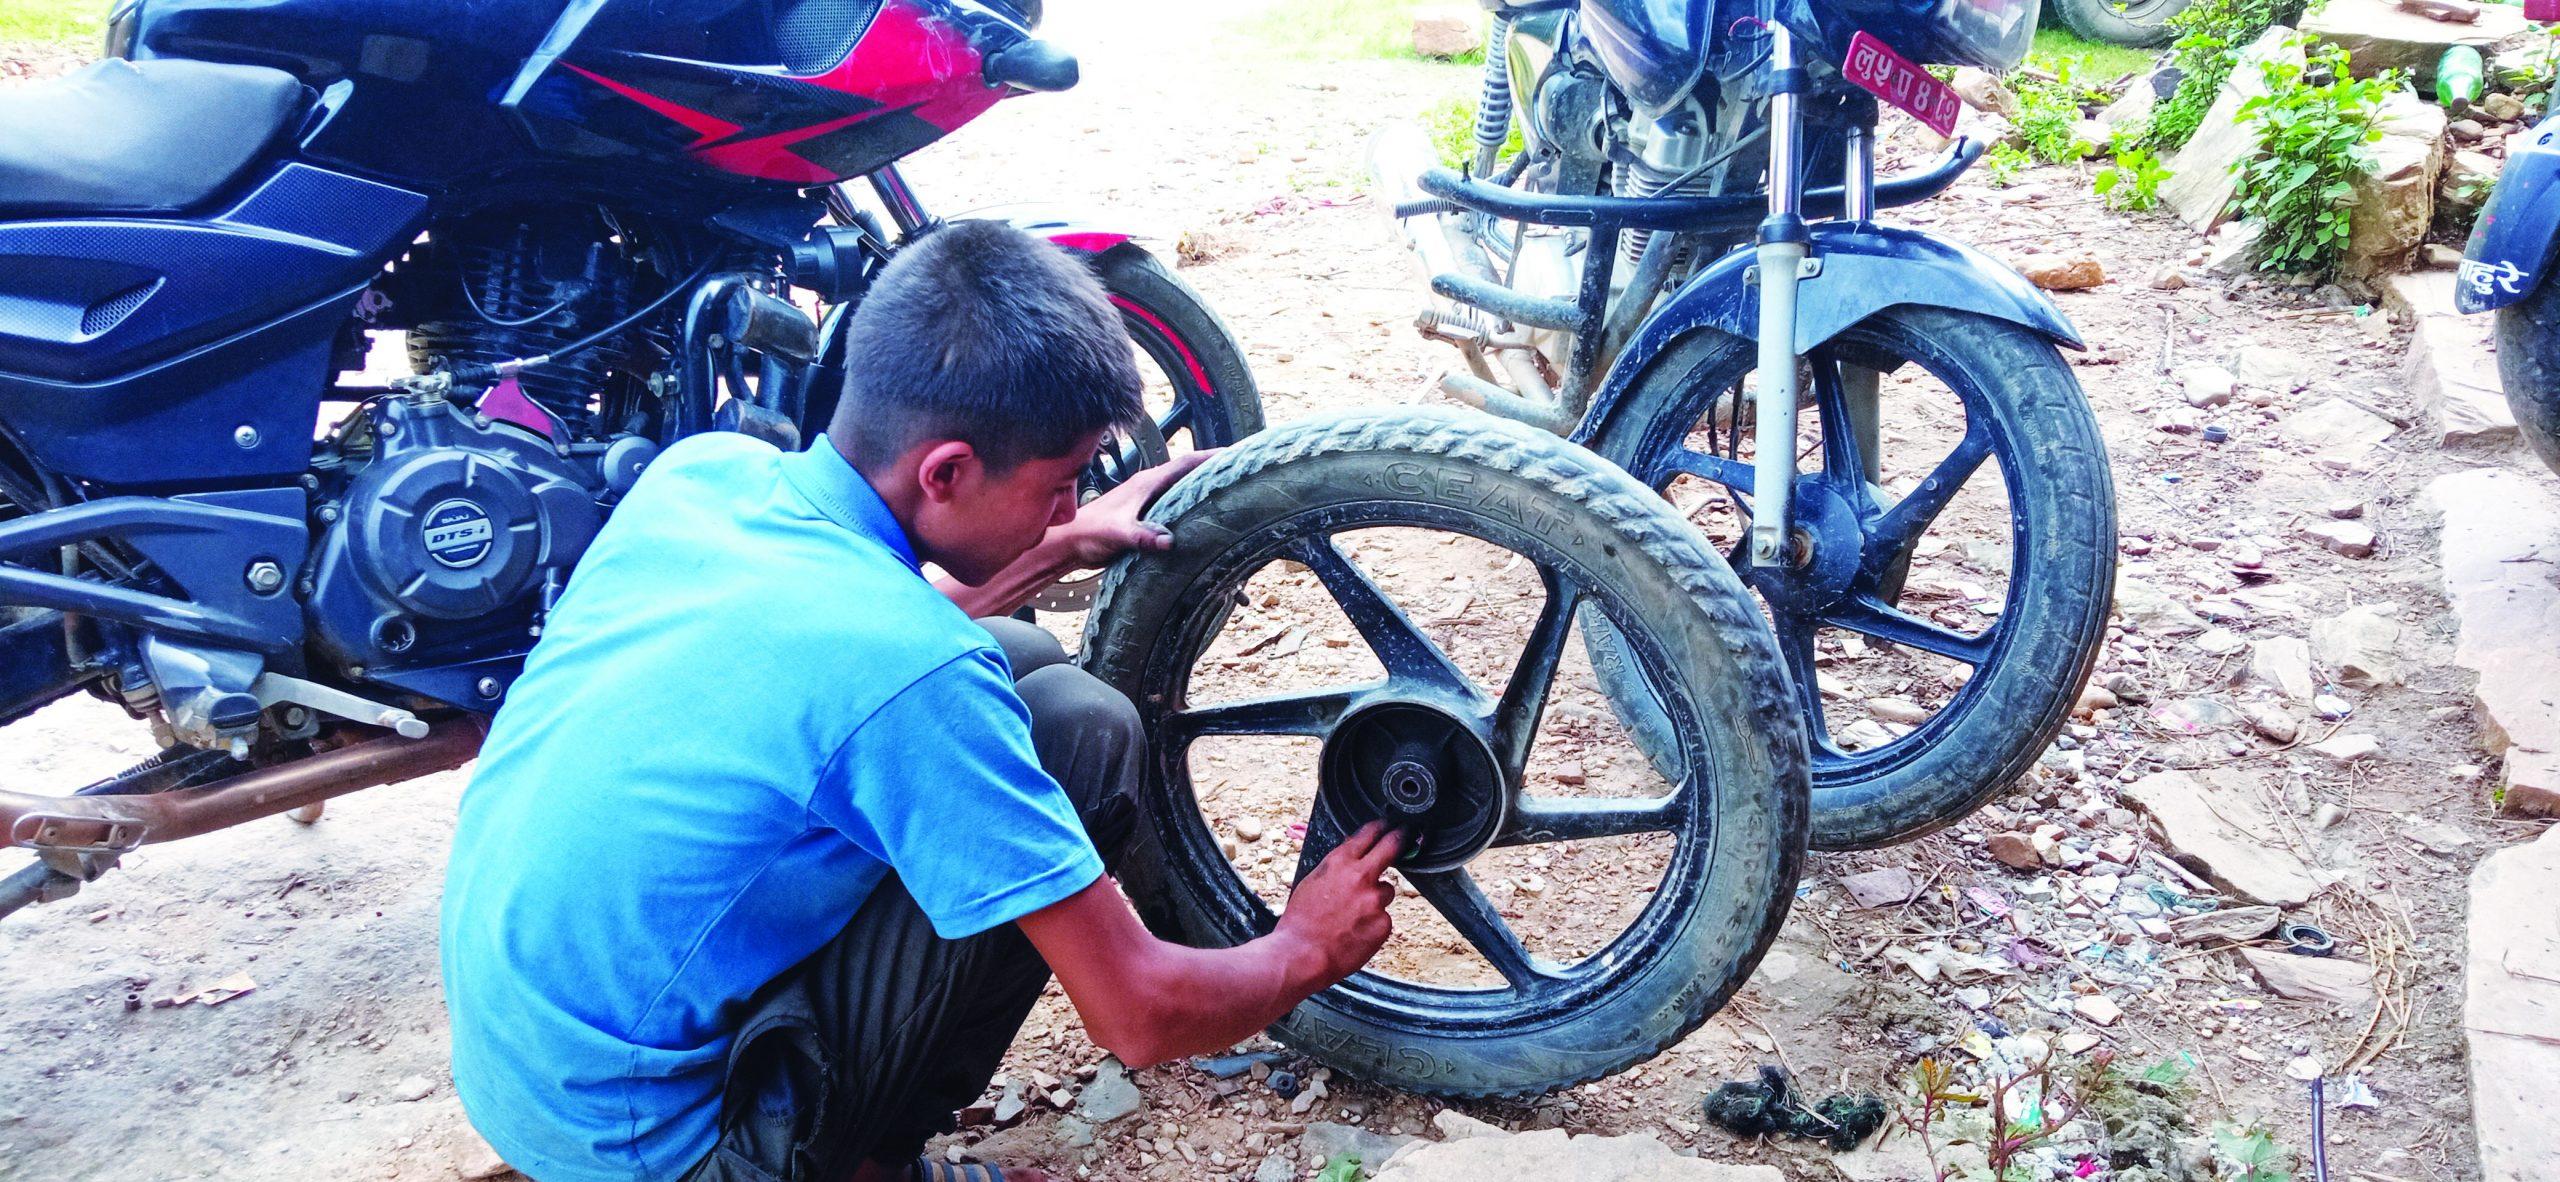 १५ वर्षको उमेरमै  मोटरसाइकल मिस्त्री